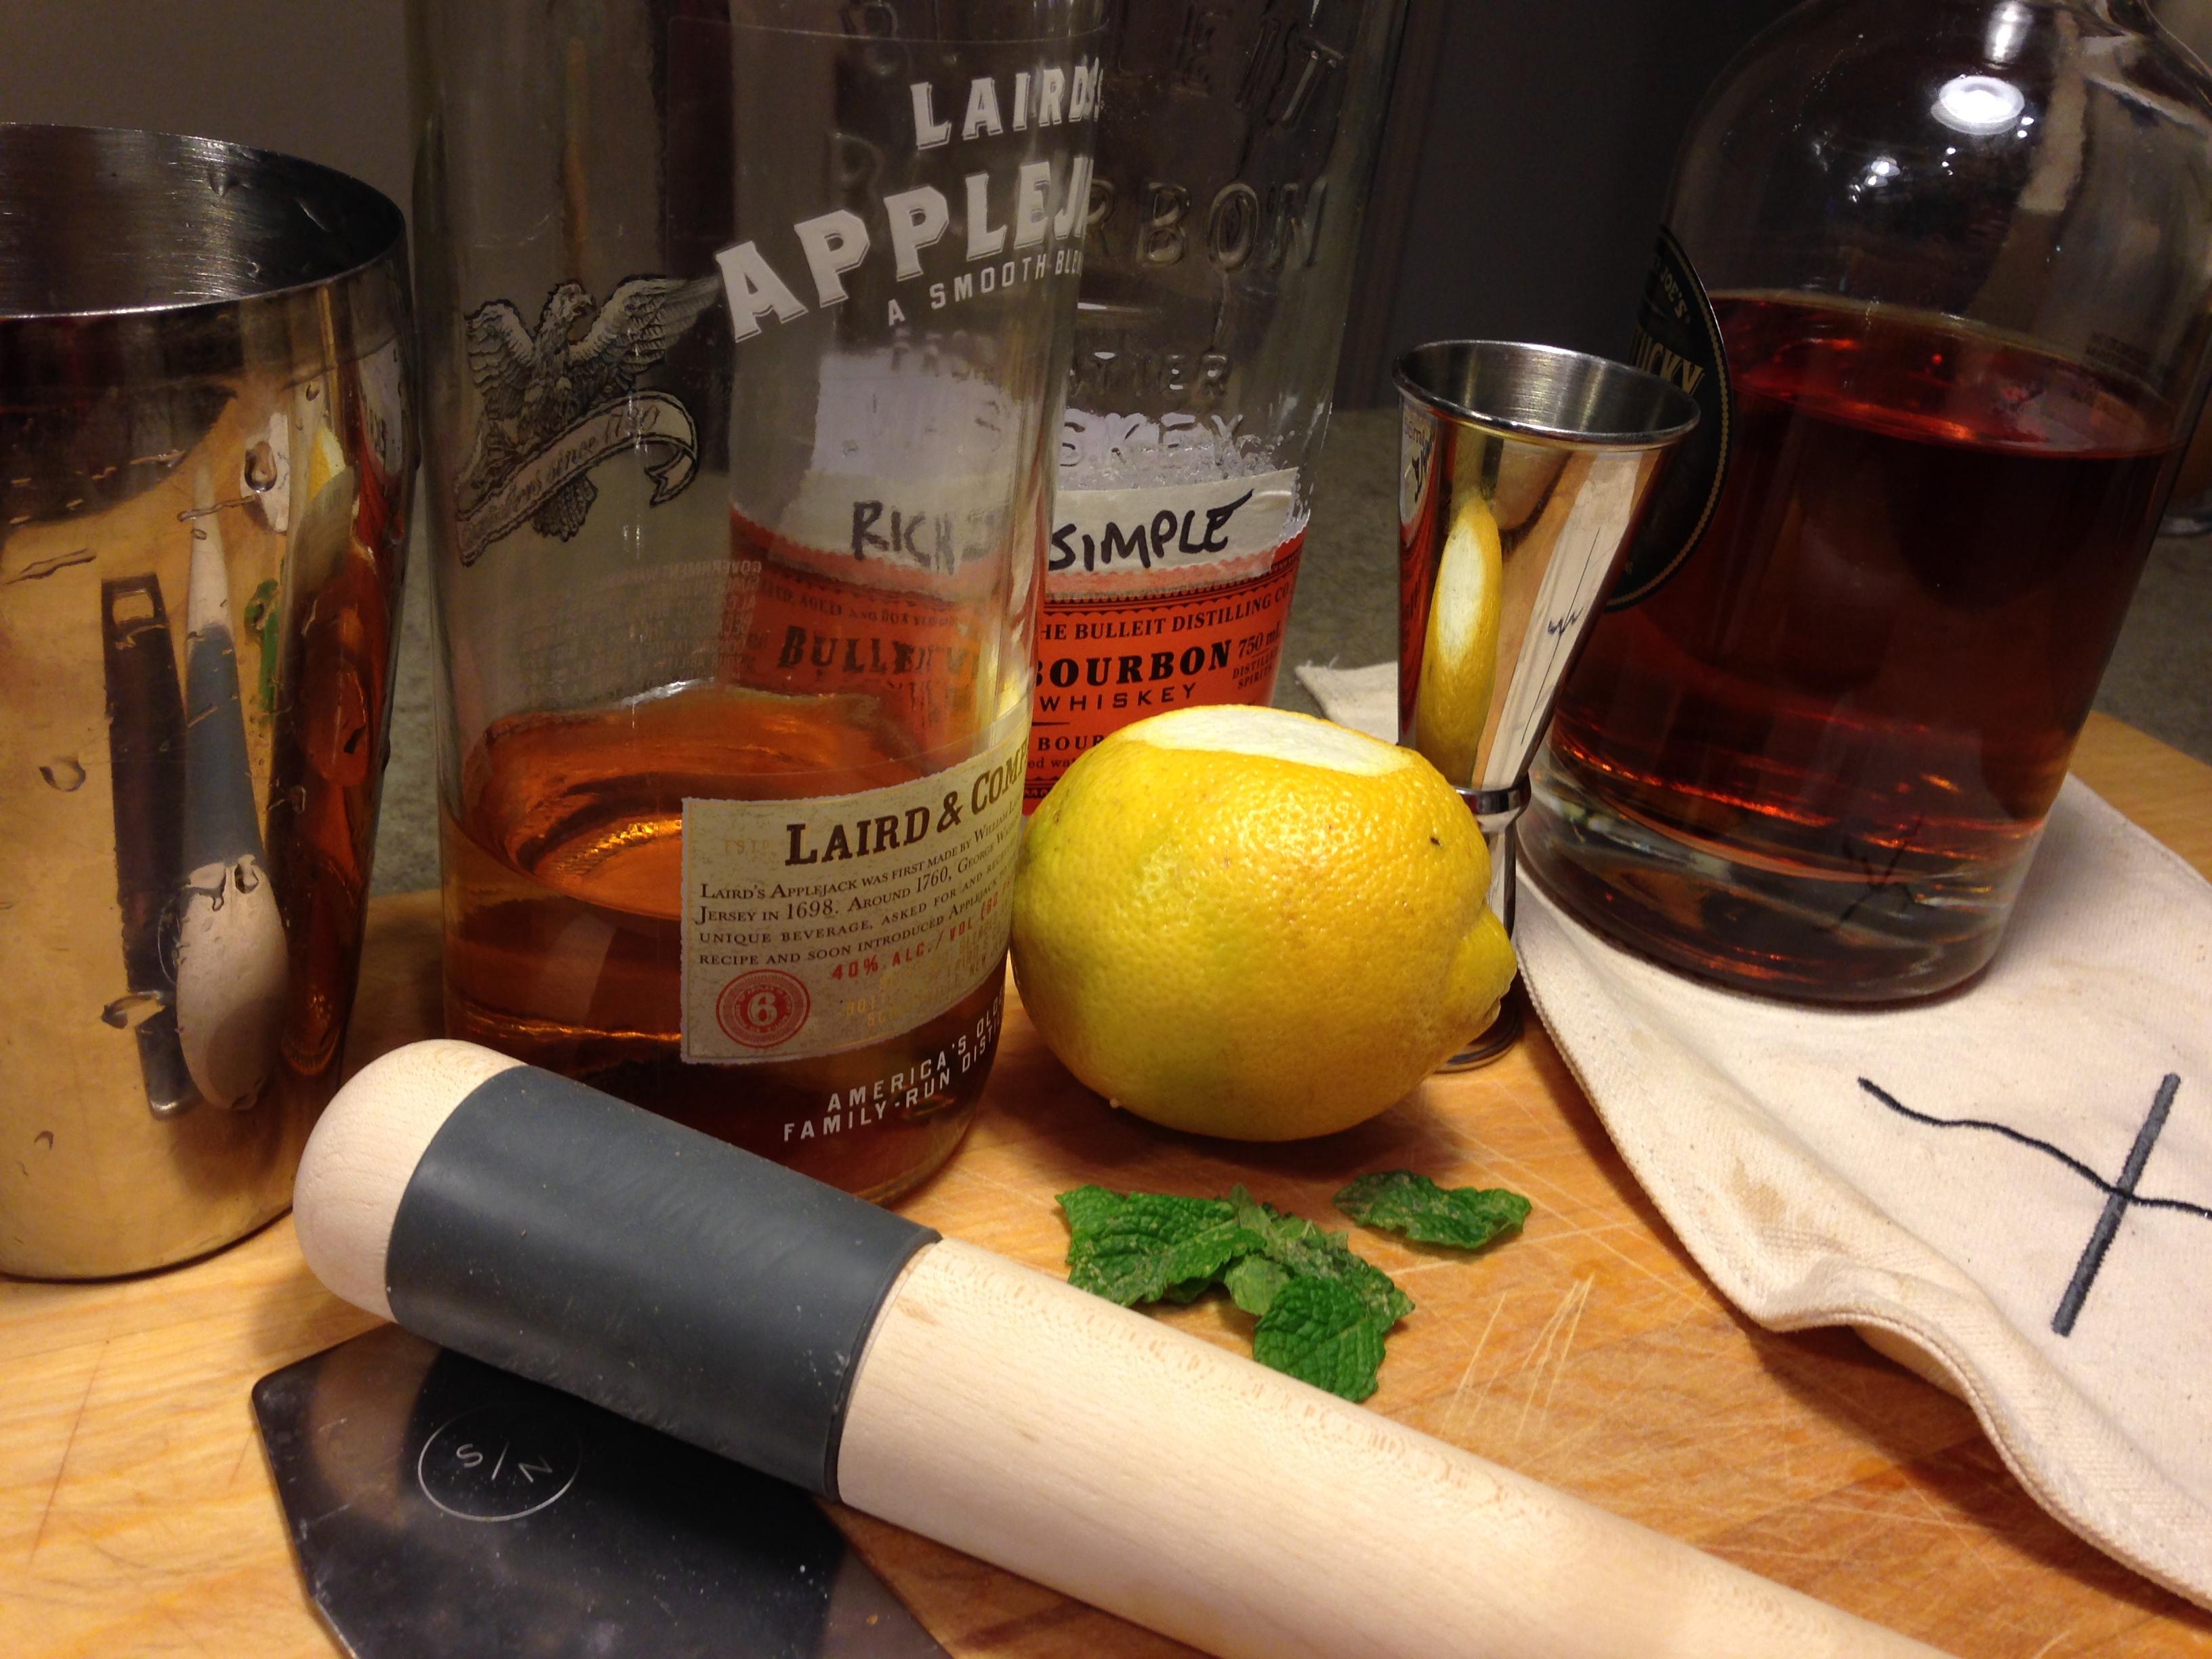 Applejack Cocktails